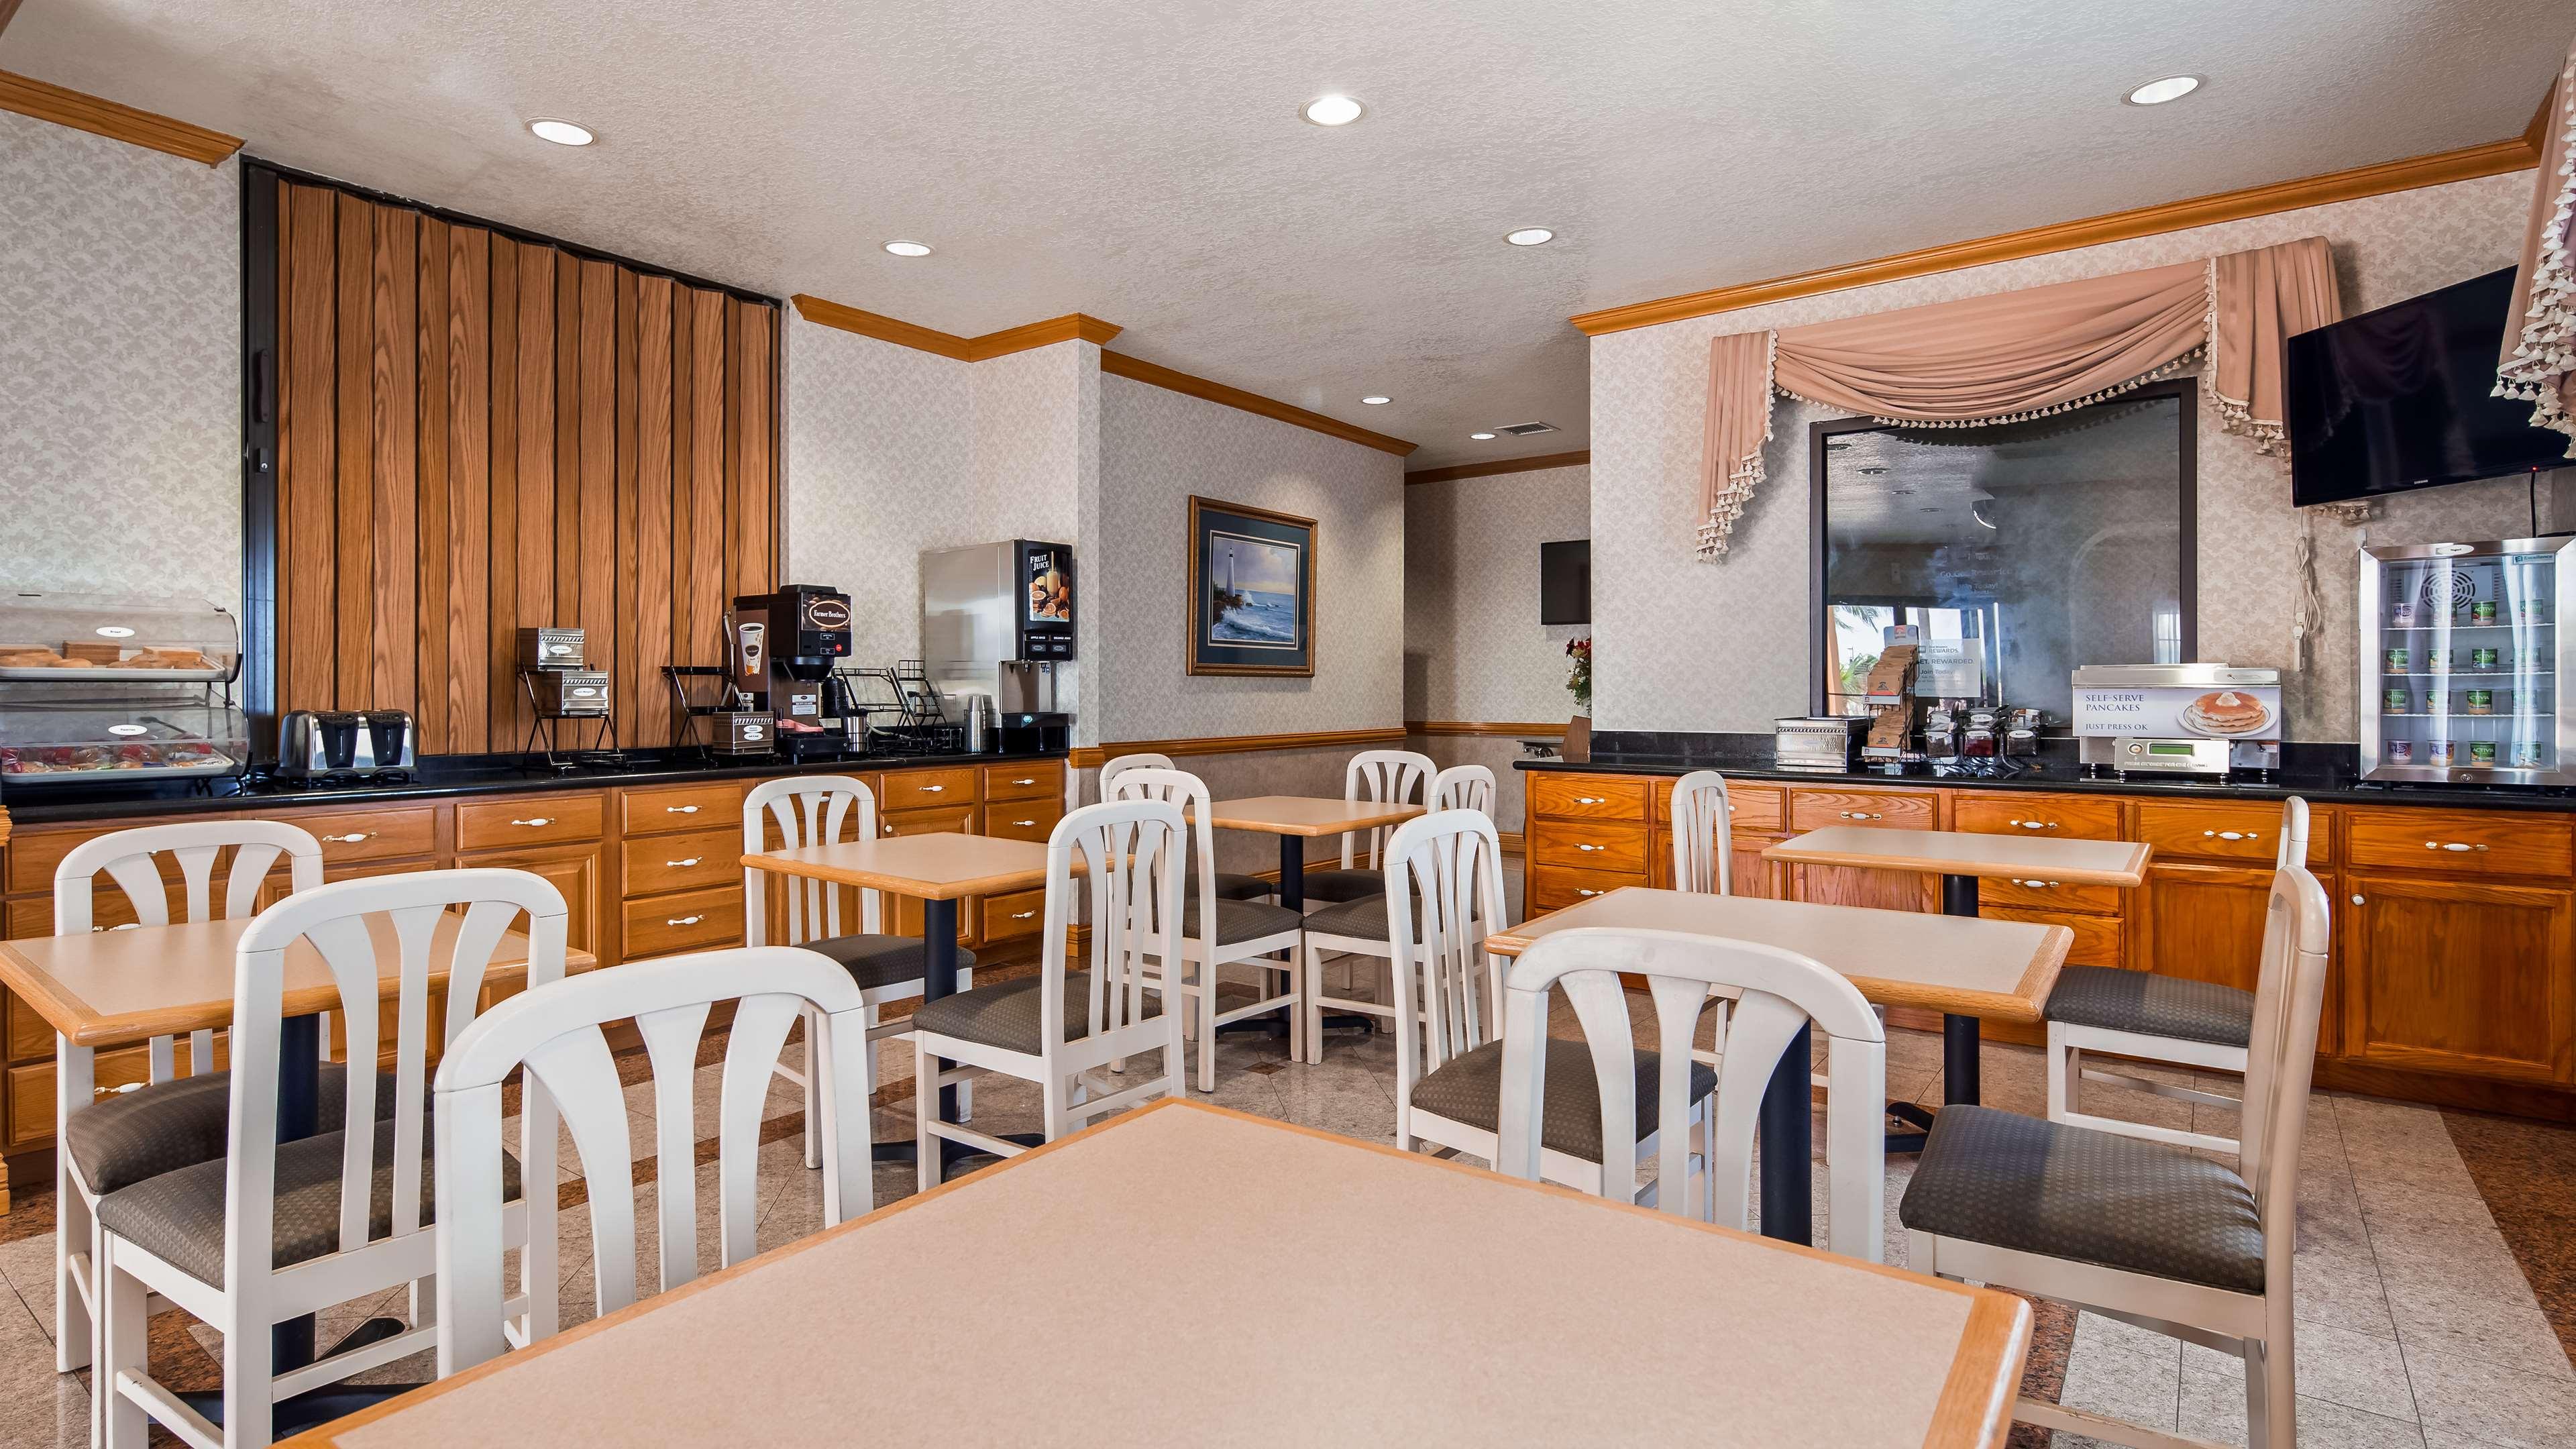 SureStay Hotel by Best Western Falfurrias image 4